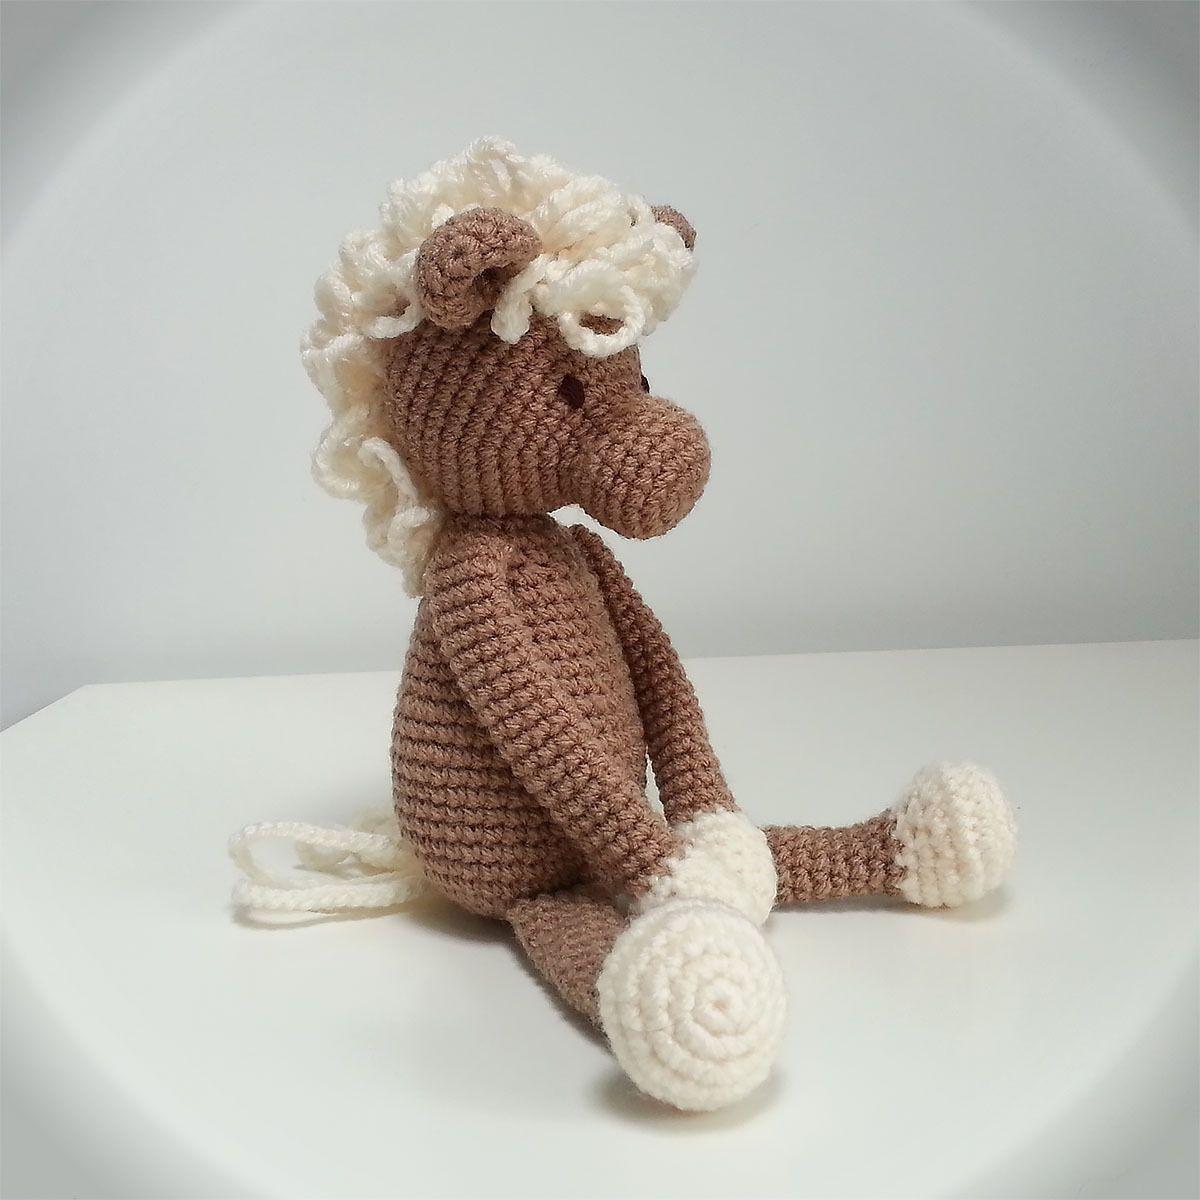 doudou poney au crochet cheval cadeau de naissance amigurumi baptme cuddly toy horse - Cadeau Cheval